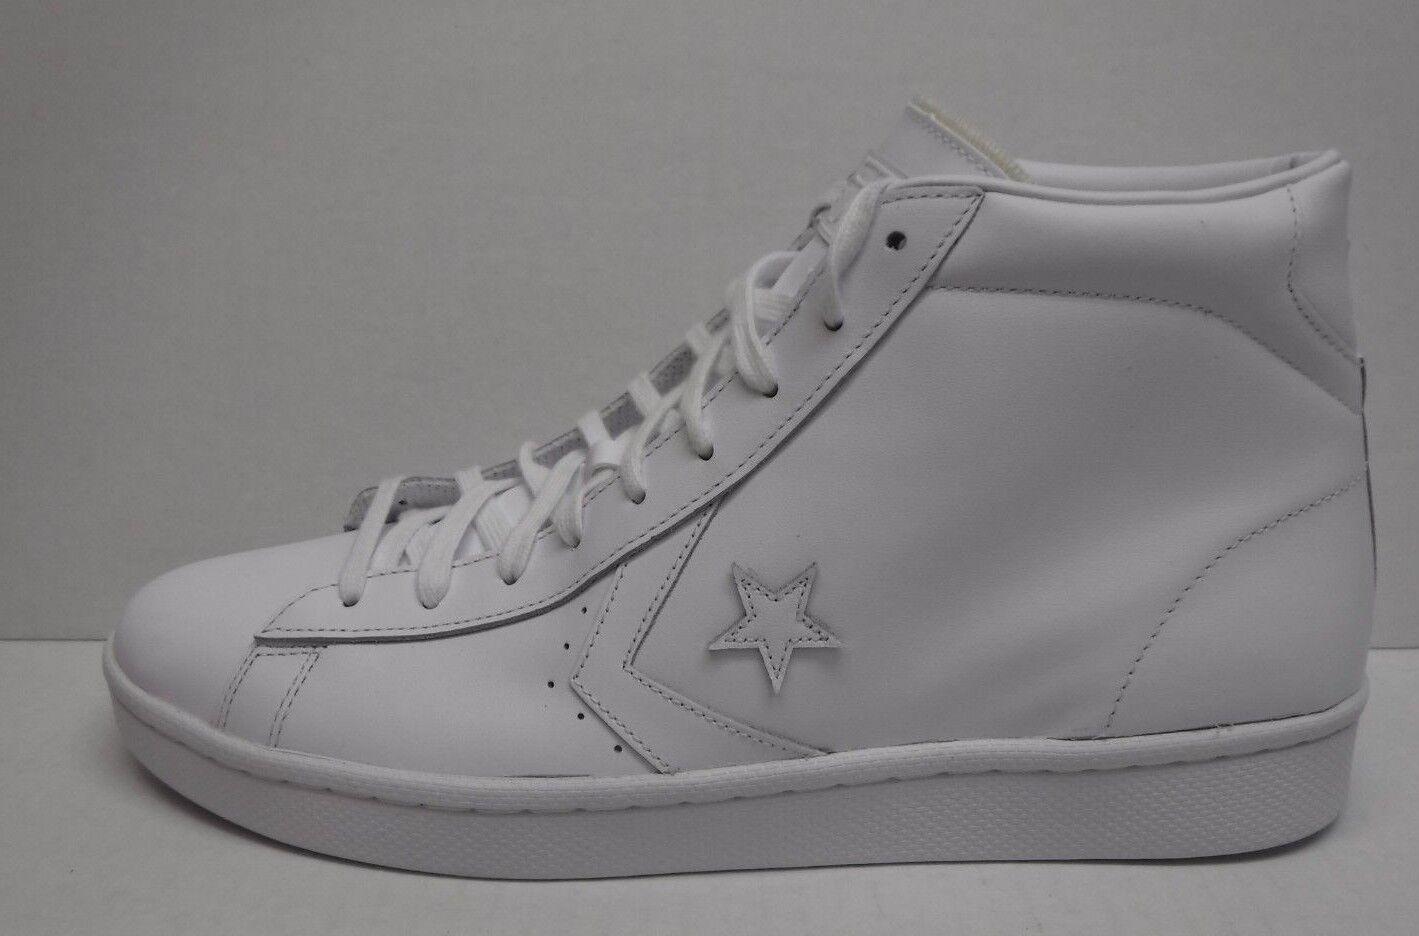 Converse all star größe 13 weißen leder turnschuhe hohe neue top mens turnschuhe leder 9152b1